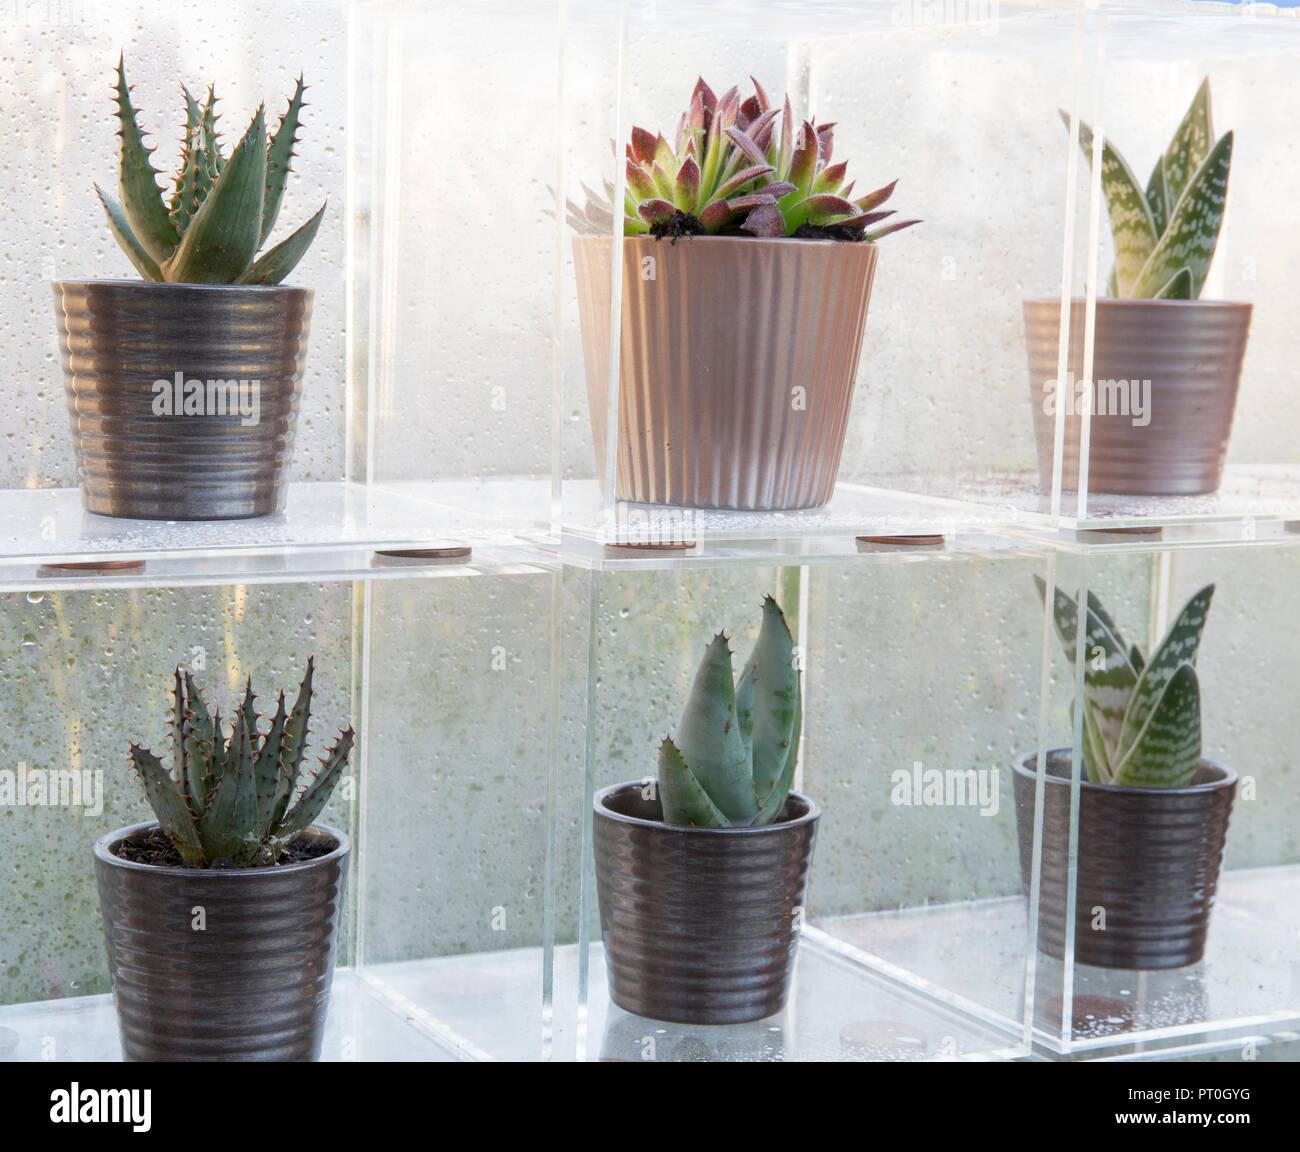 Cajas de metacrilato que muestra una colección de plantas suculentas que crecen en macetas de cerámica, Sempervivum, Aloe 'Paradisicum', en casa, crecer, comer, descansar, RHS Ma Foto de stock